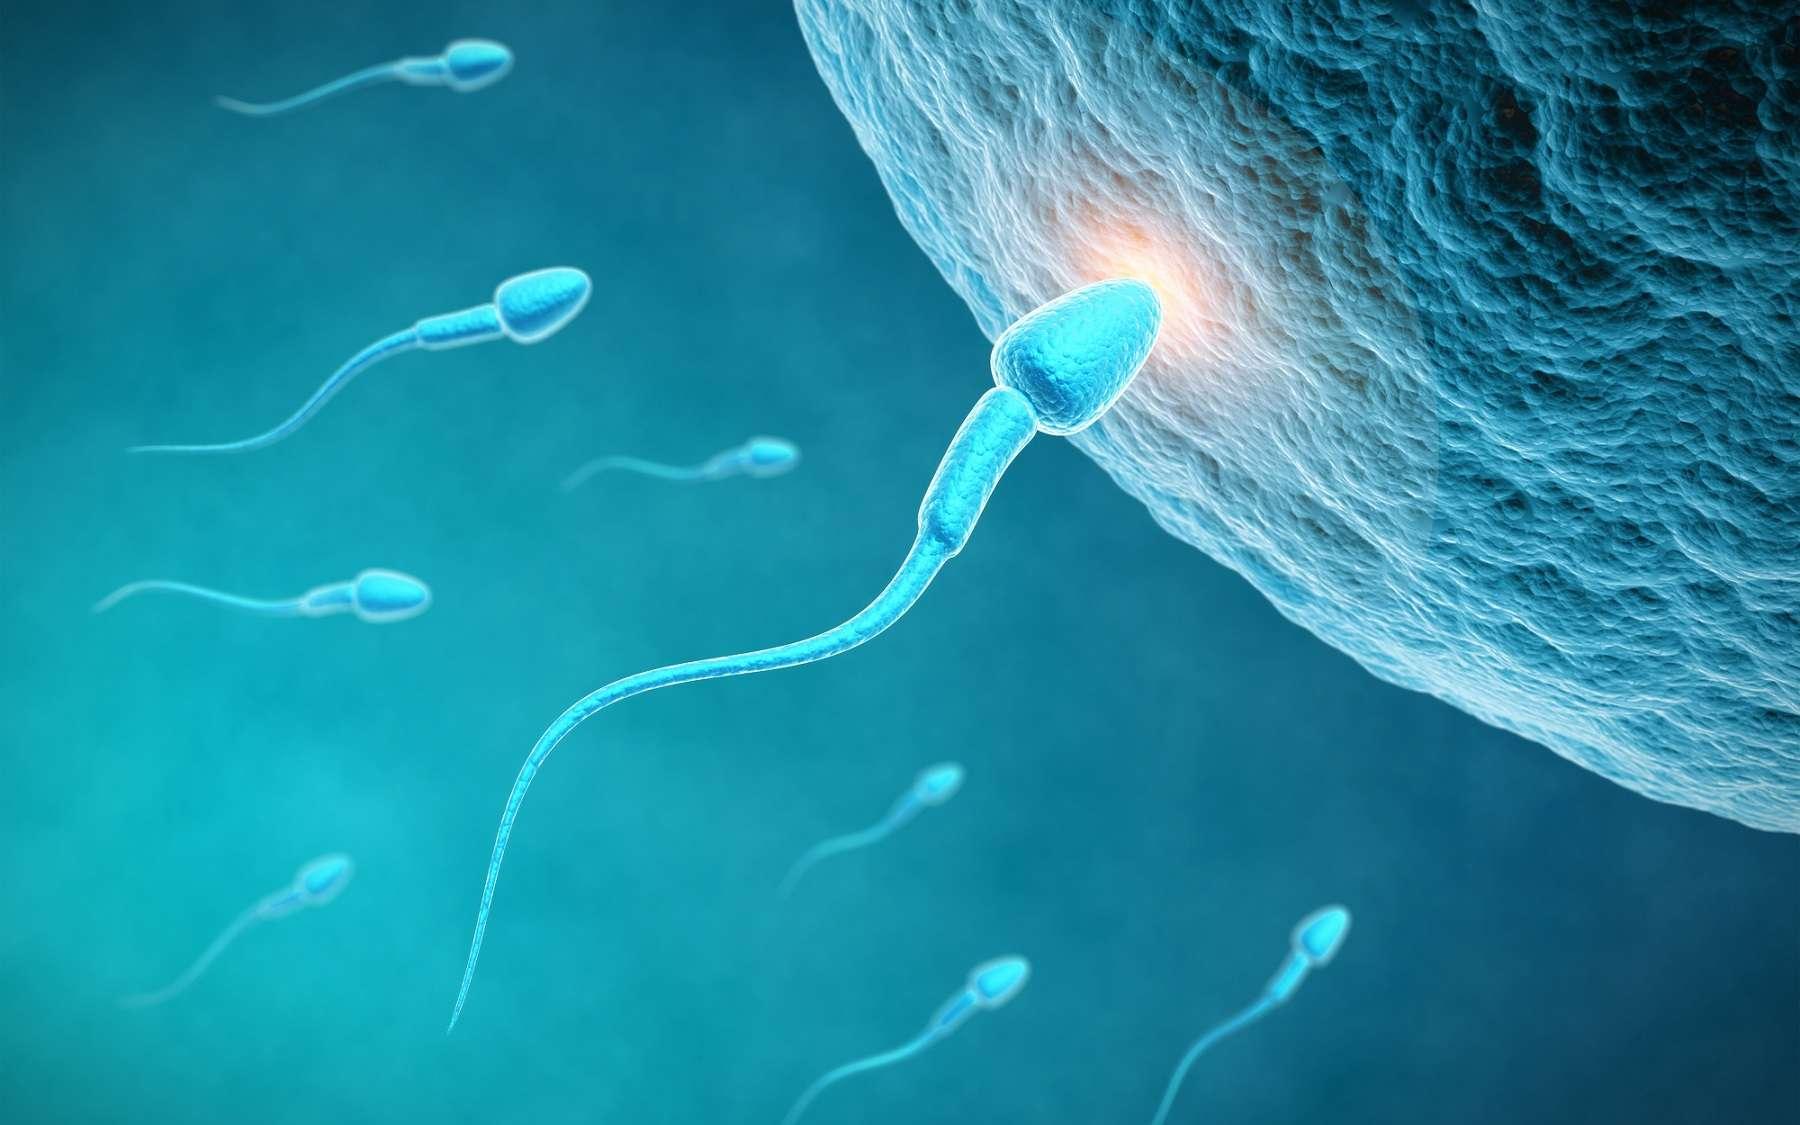 Fabriquer des spermatozoïdes in vitro permettrait de résoudre des problèmes d'infertilité masculine mais l'heure n'est pas encore aux essais cliniques. © Sashkin, Shutterstock